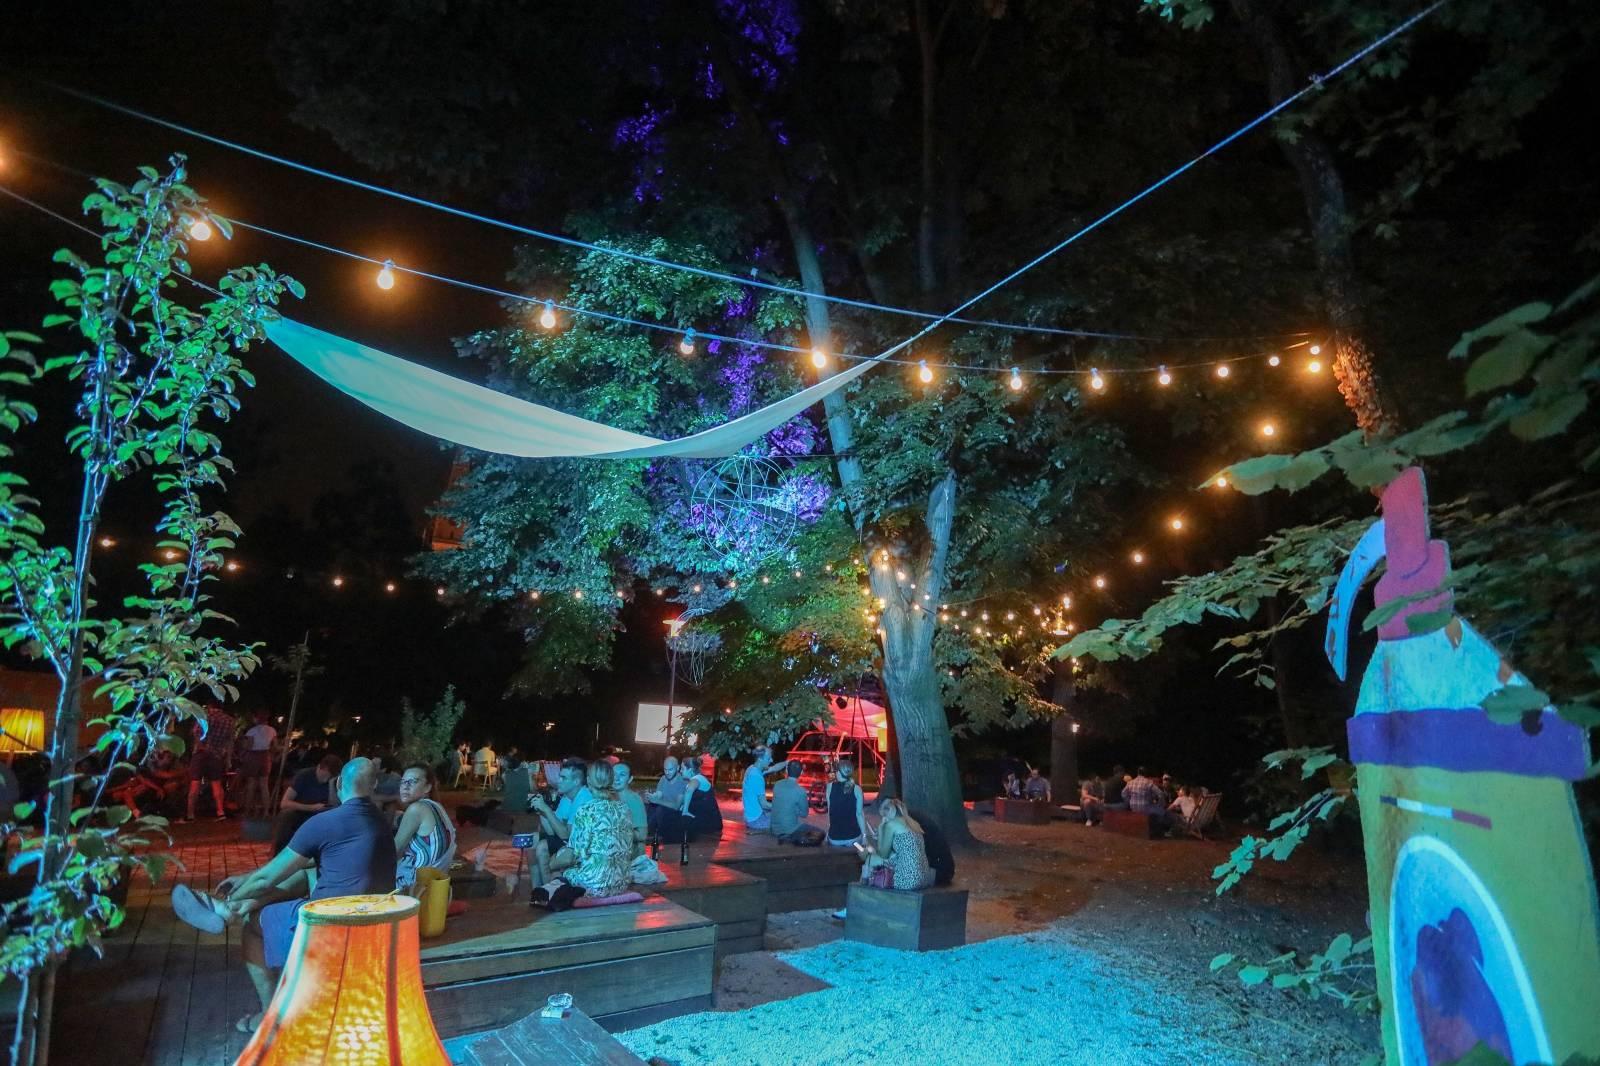 Zagreb: Premijerni prikaz Frooom! filmova u Art parku